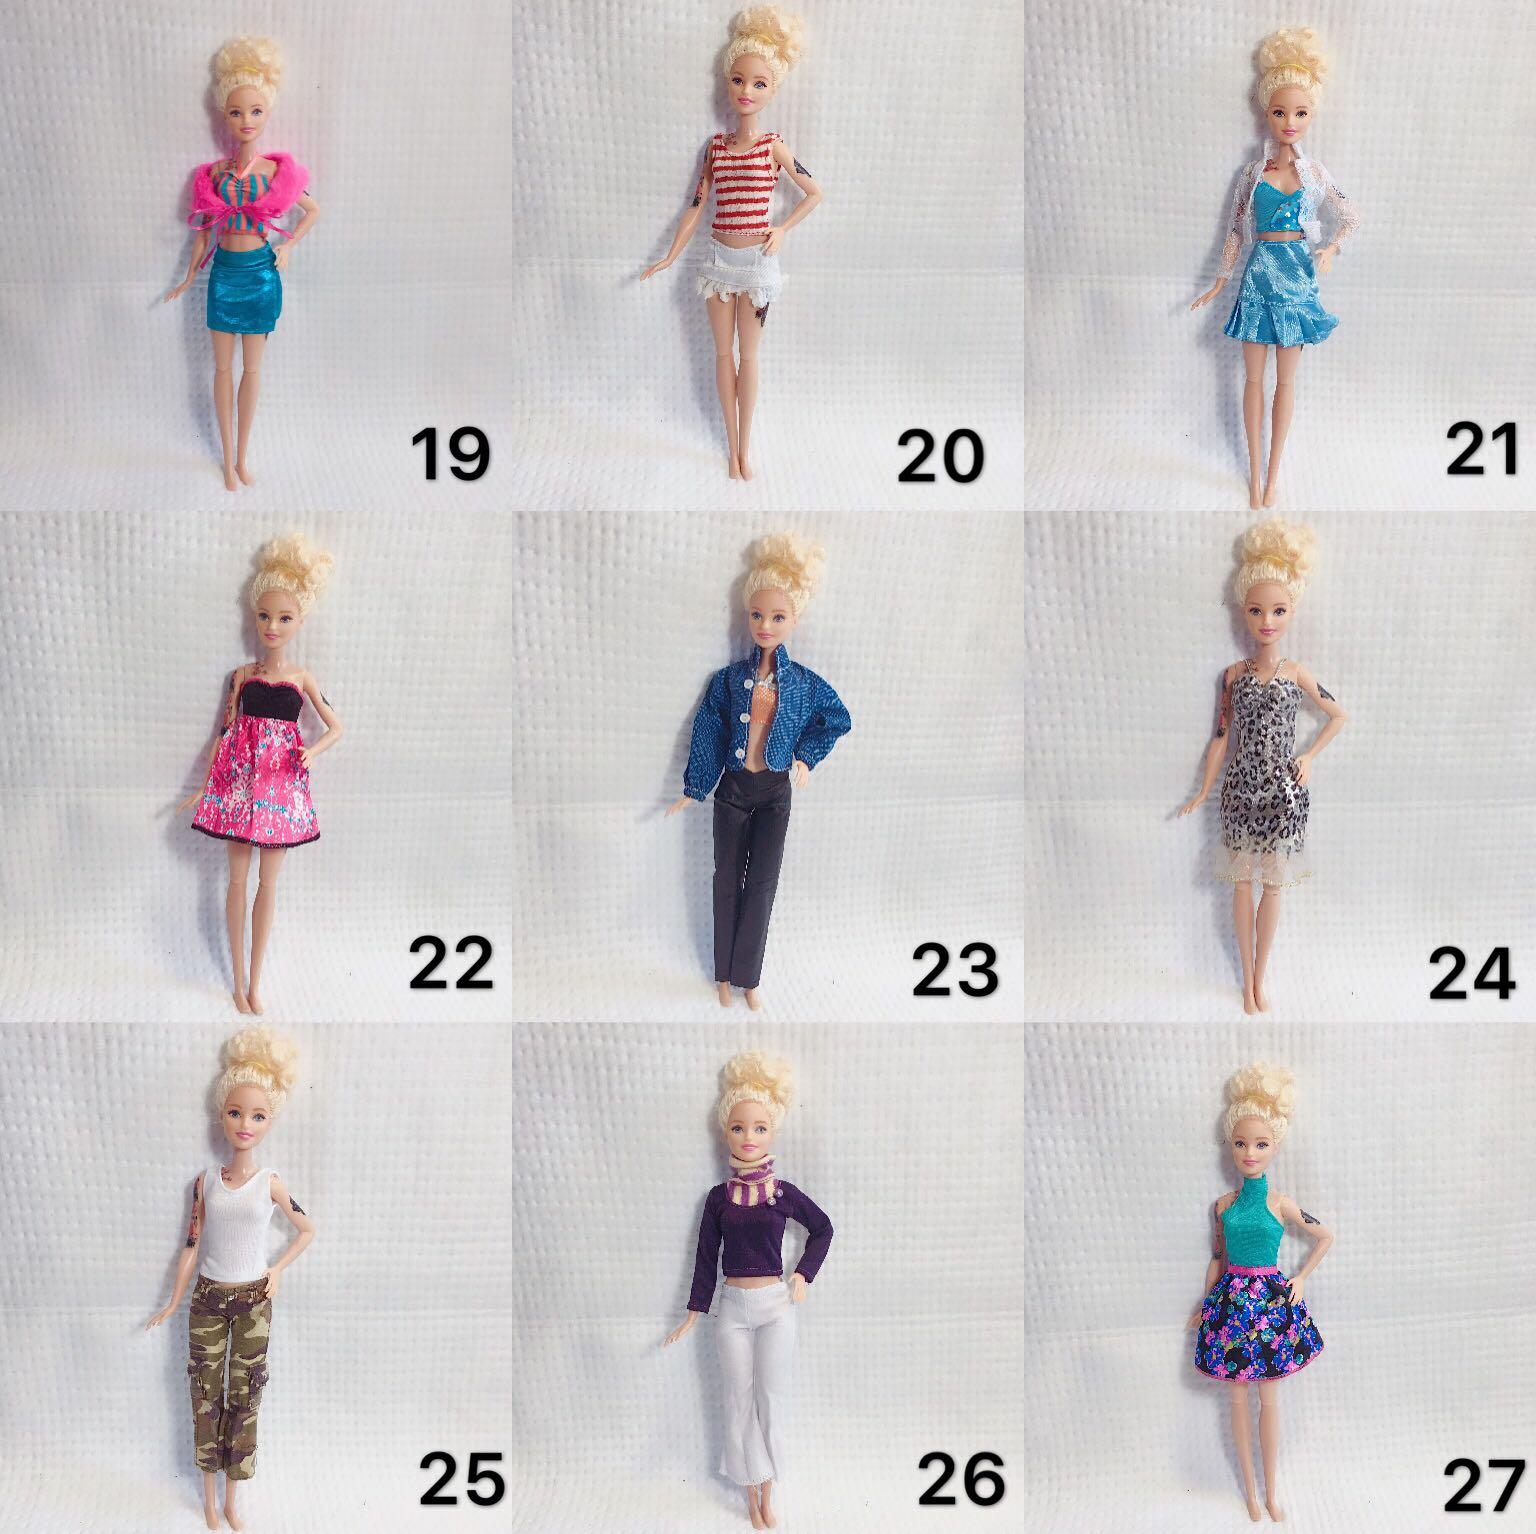 暴躁的芭比 30厘米娃娃衣服 娃娃休闲衣服 巴比6分娃娃衣服10月13日最新优惠